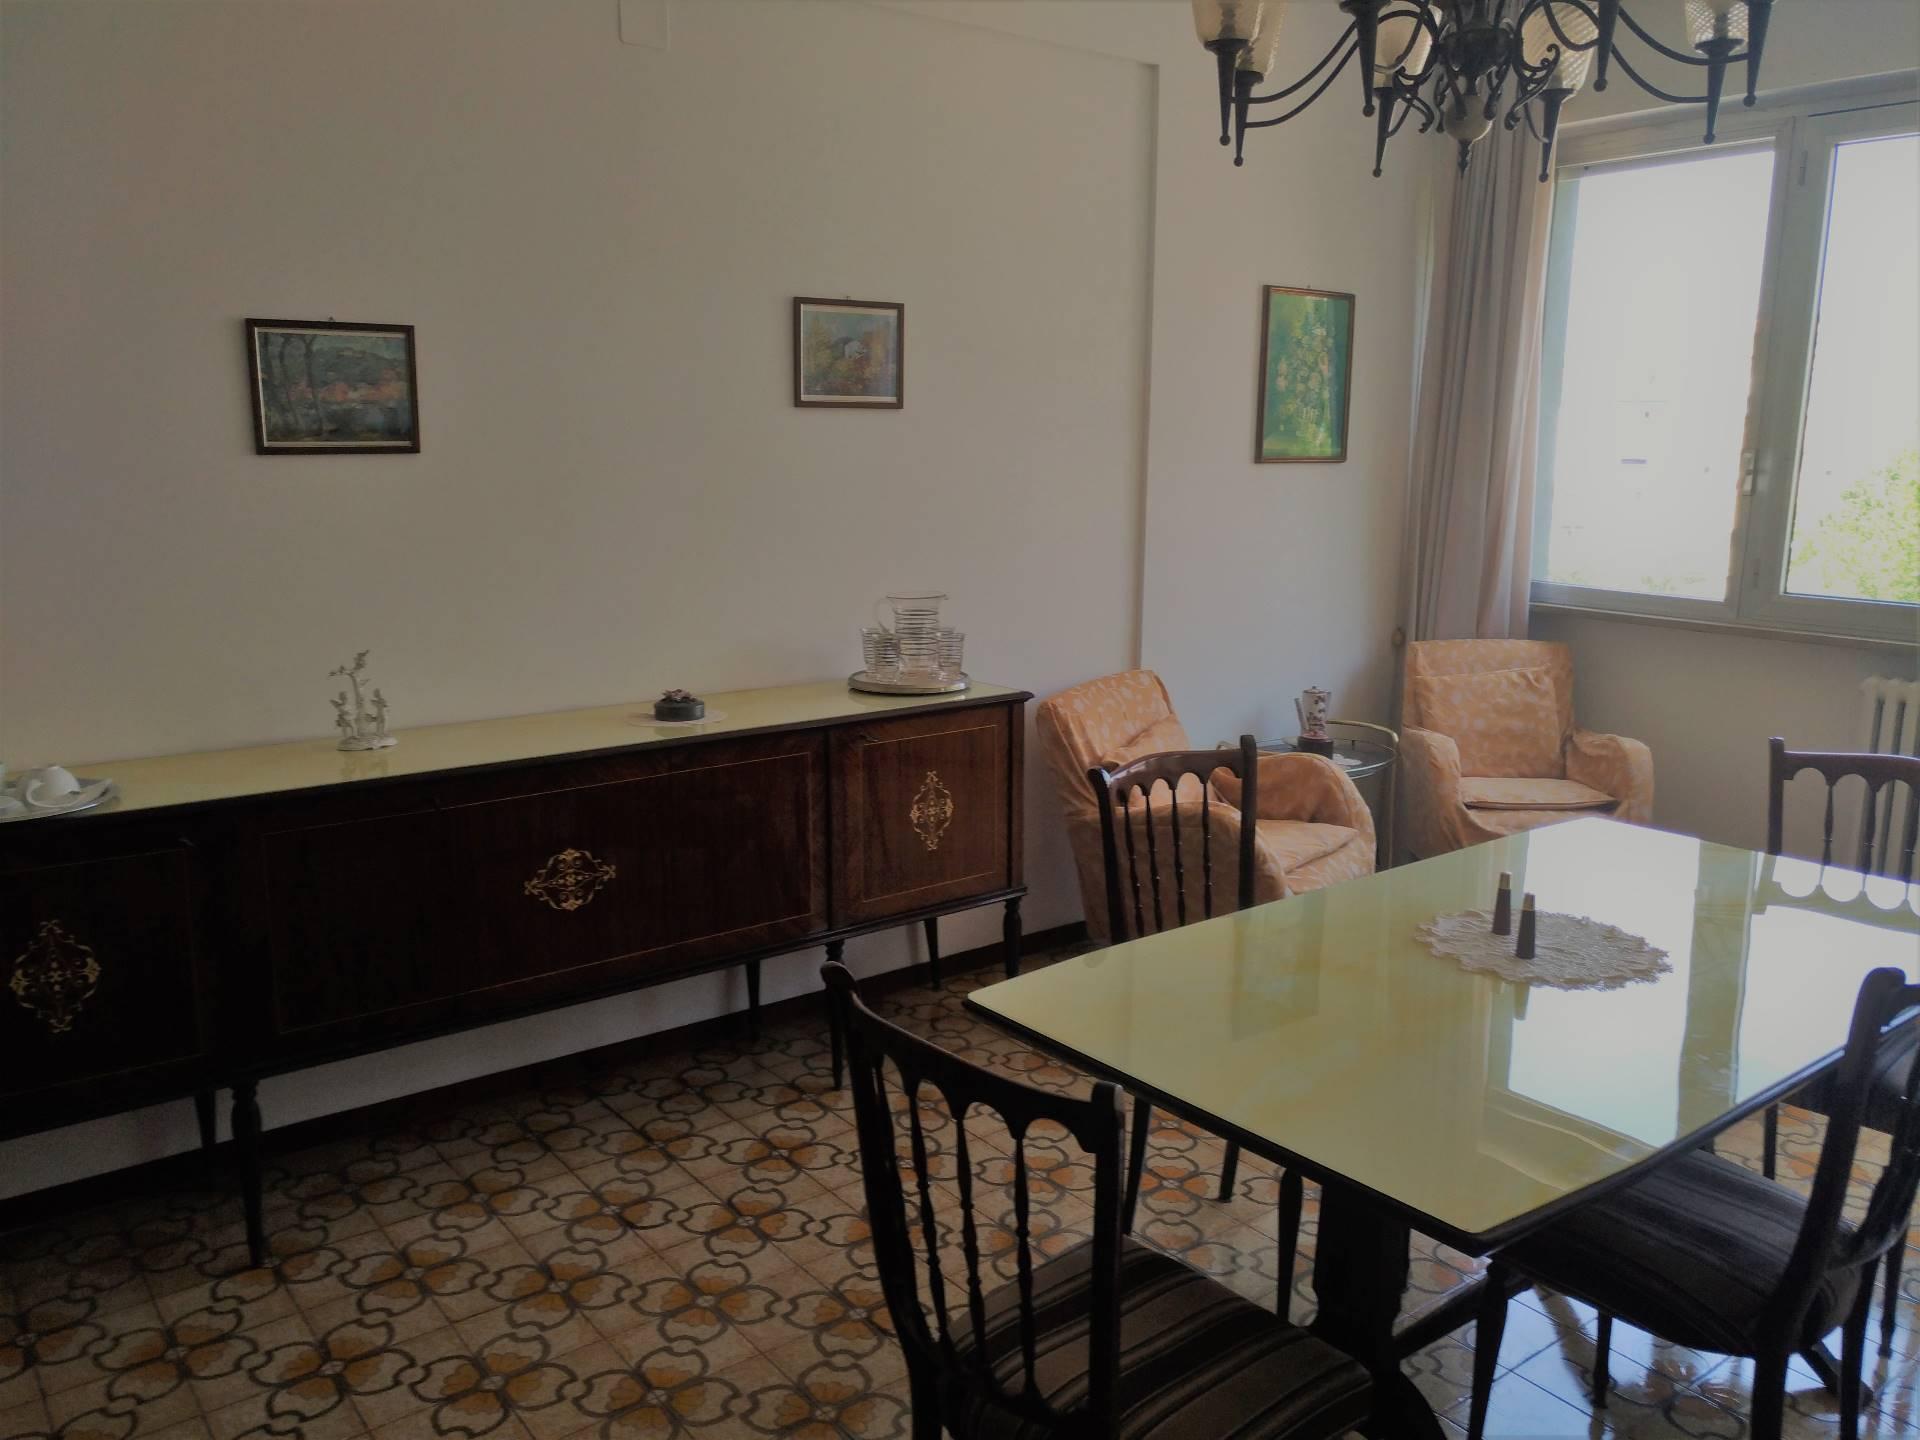 Appartamento in affitto a Ancona, 5 locali, zona Zona: Semicentro, prezzo € 500 | Cambio Casa.it